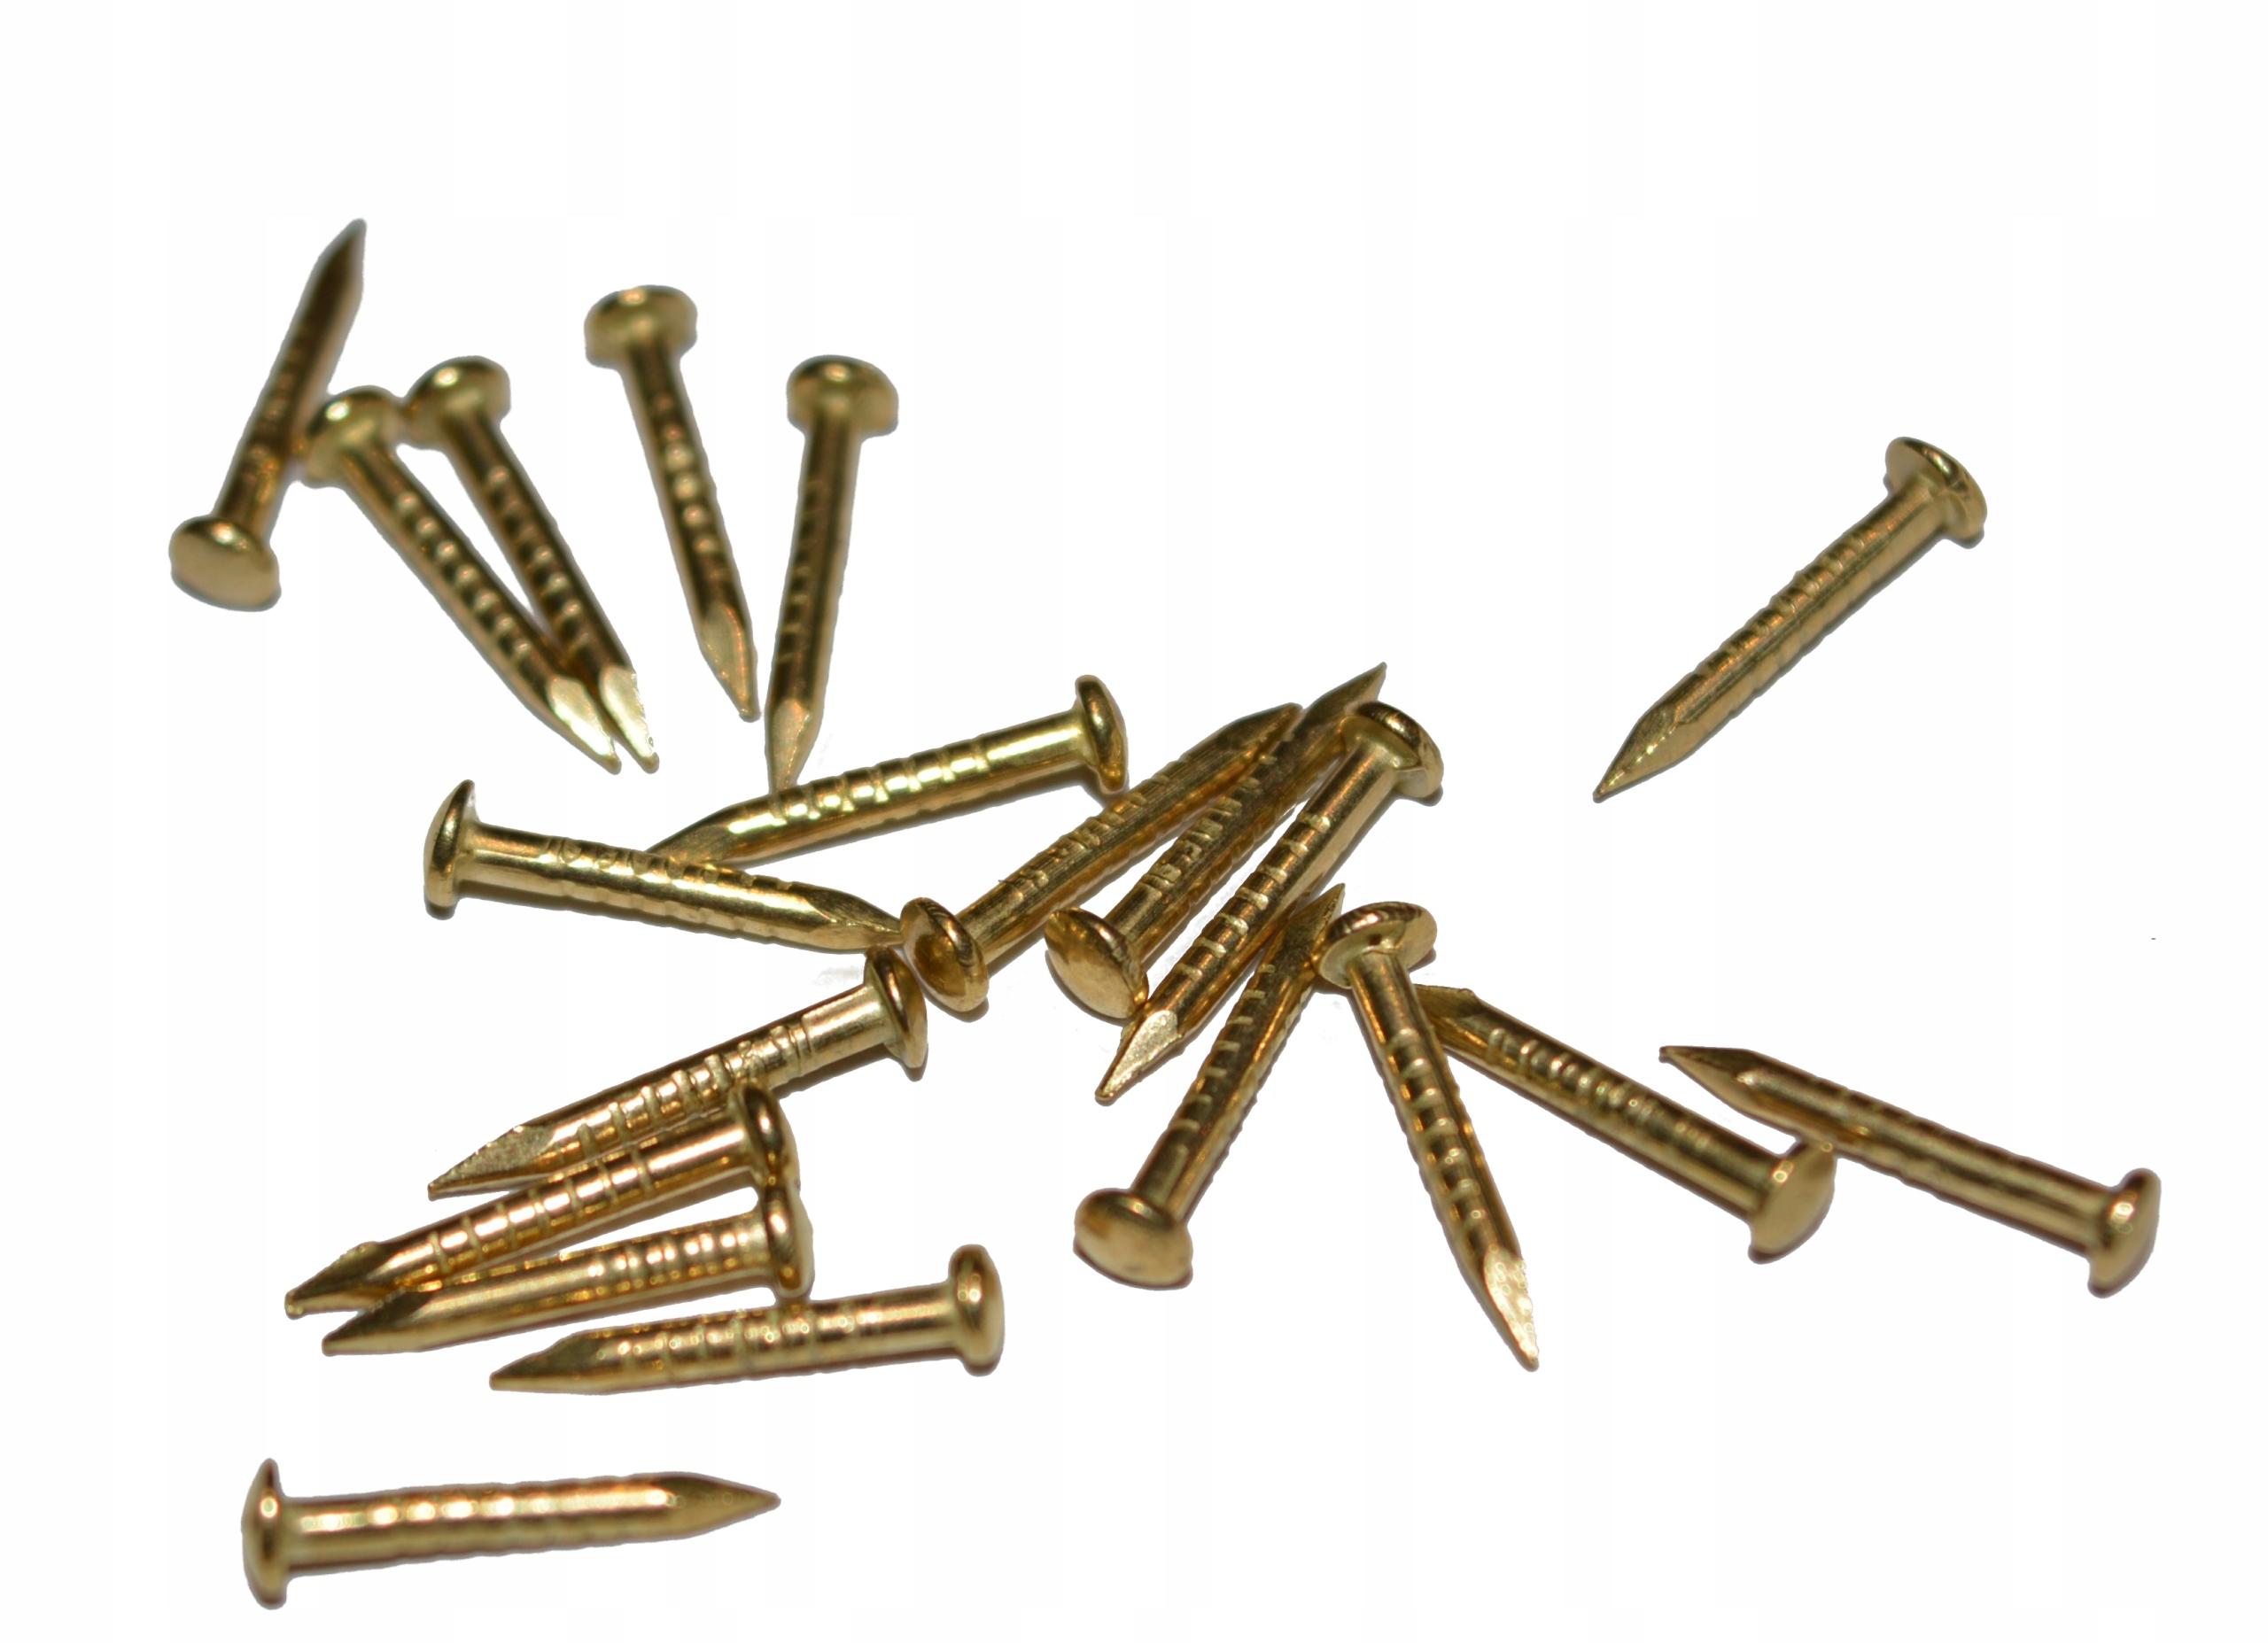 Gwoździe małe gwoździki 10mm złote